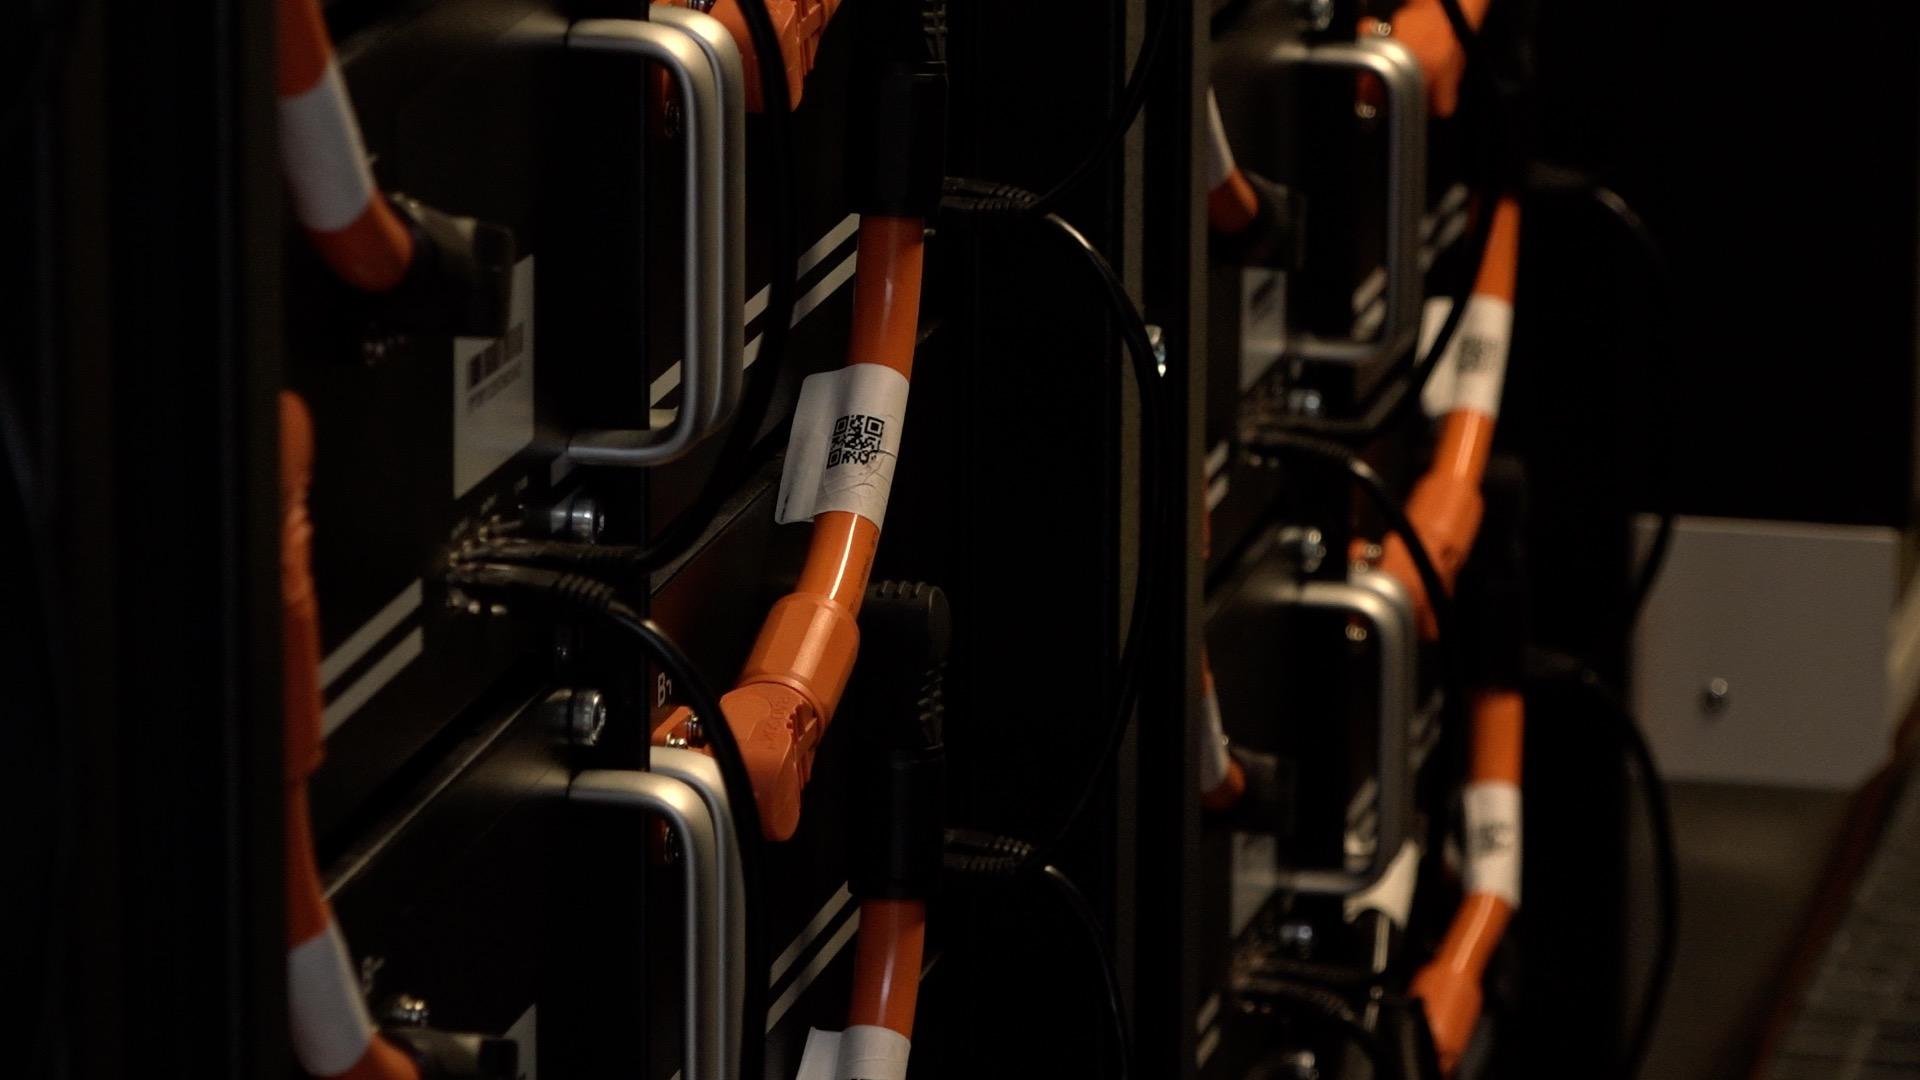 Módy elektroautomobilů se chytá i Foxconn. V Pardubicích vyvíjí a bude vyrábět dobíječky